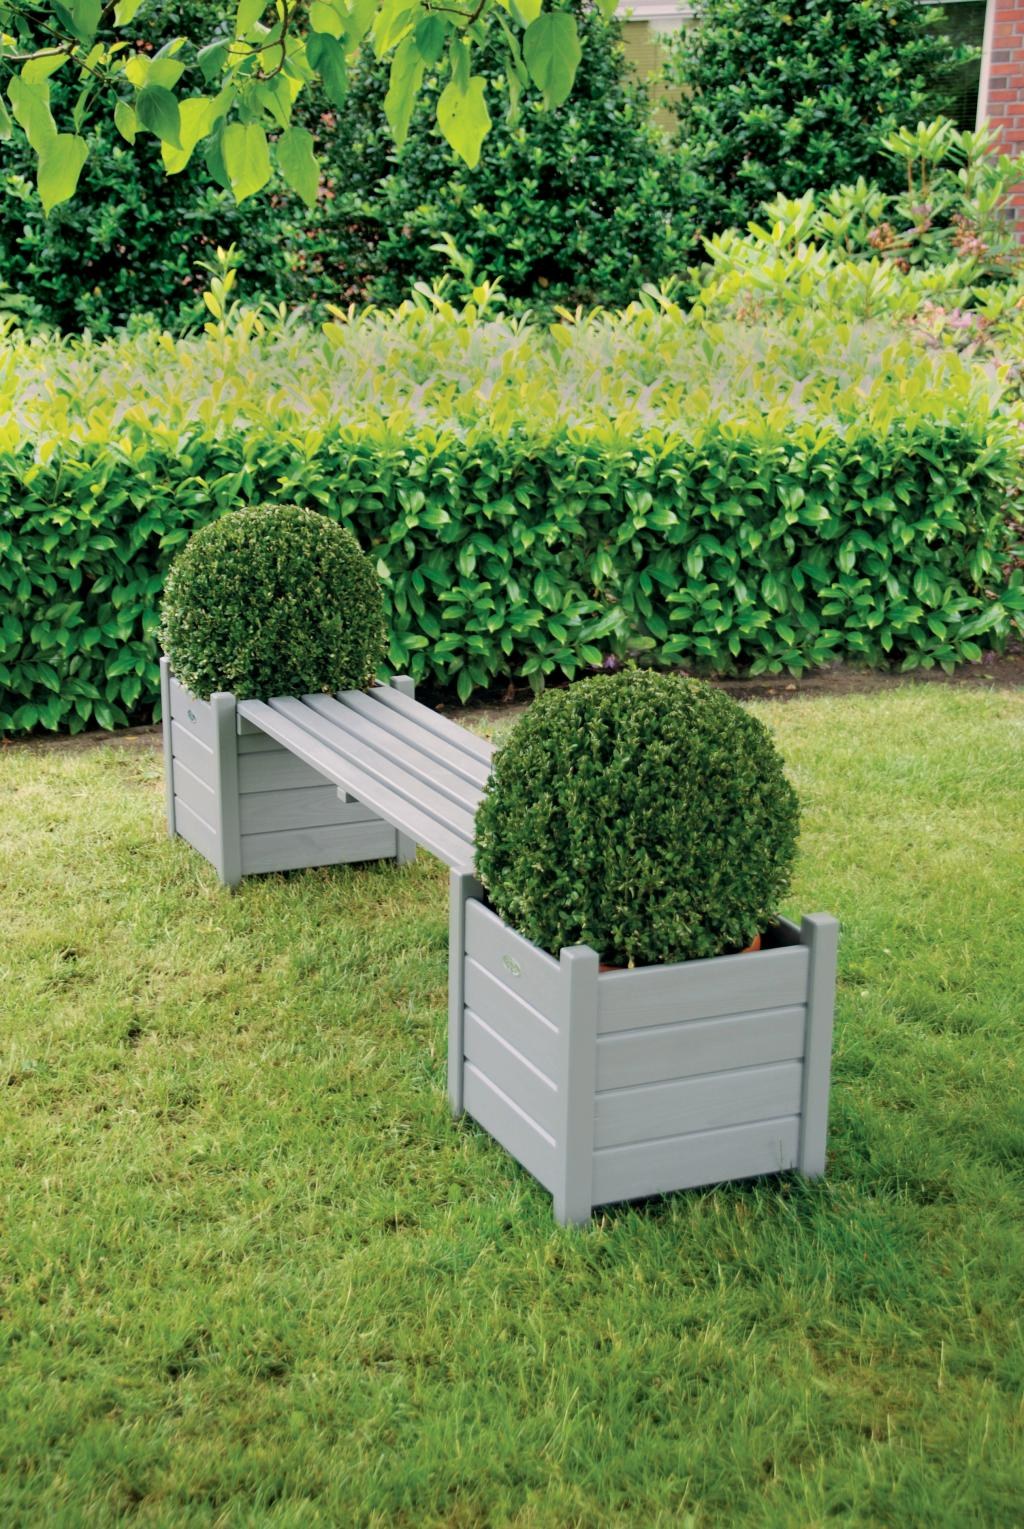 pflanzenbeh lter bank grau kiefernholz esschert design kaufen wohn. Black Bedroom Furniture Sets. Home Design Ideas